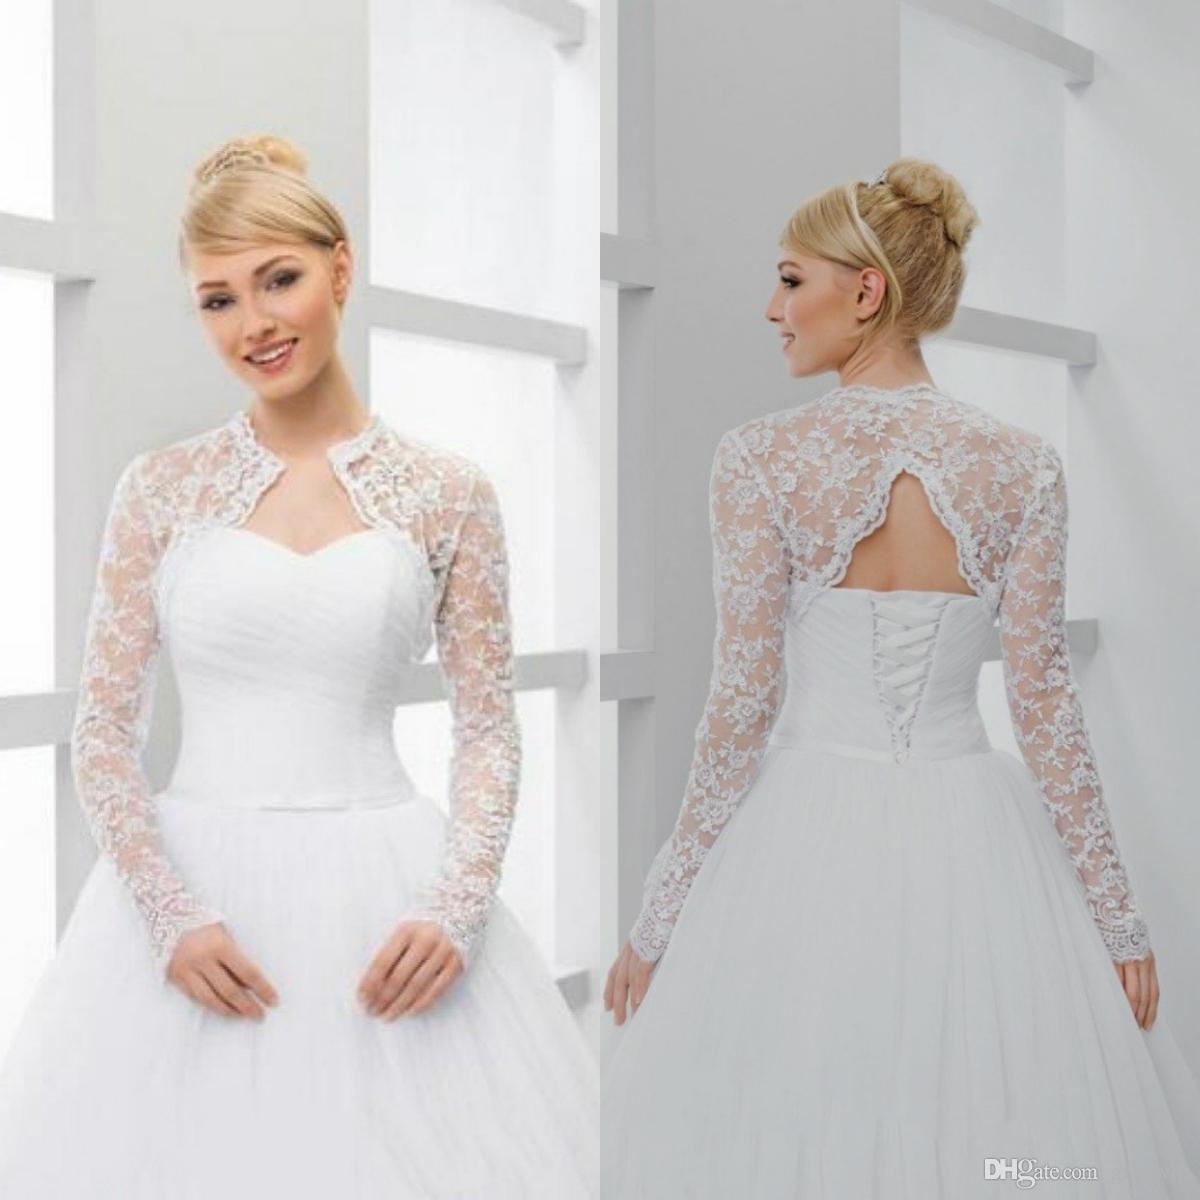 Spitze-Brautjacken Hochzeit Bolero Weiß Elfenbein Langarm Short Brautschal Wraps für Hochzeit Kleid-Abend-Partei